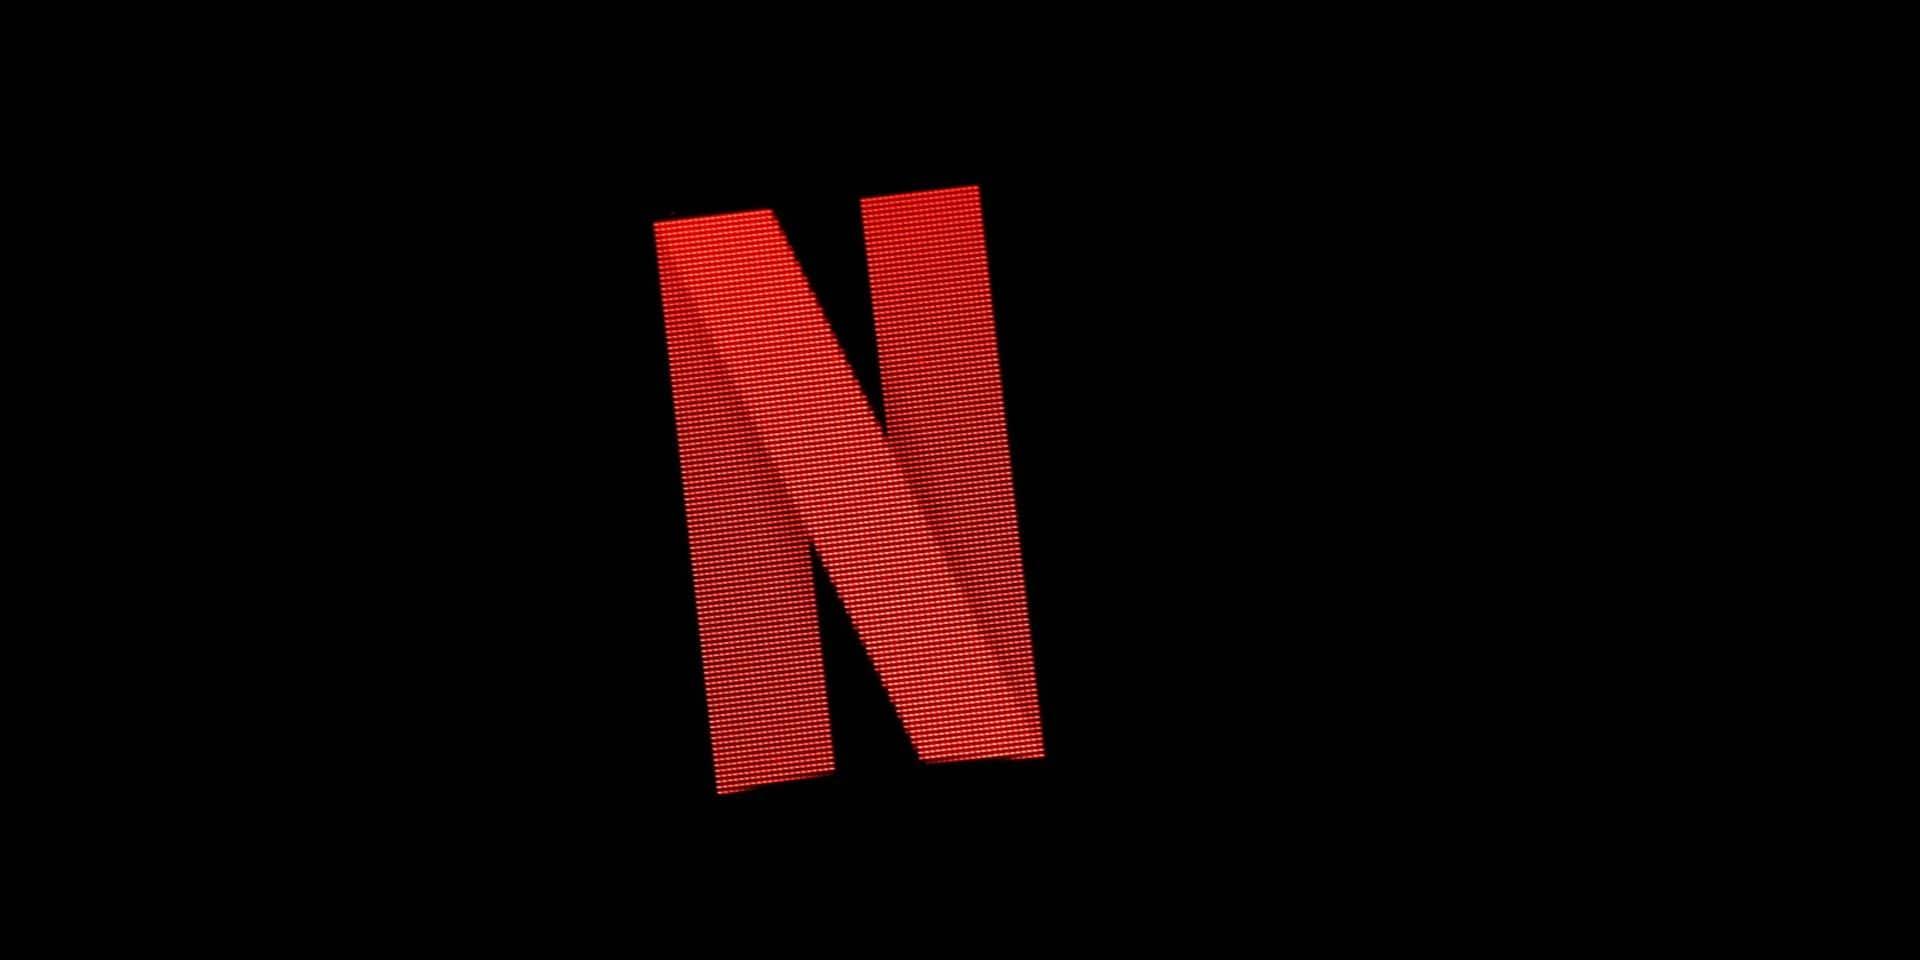 Le réalisateur Koen Mortier prépare pour Netflix une série sur la Seconde Guerre mondiale